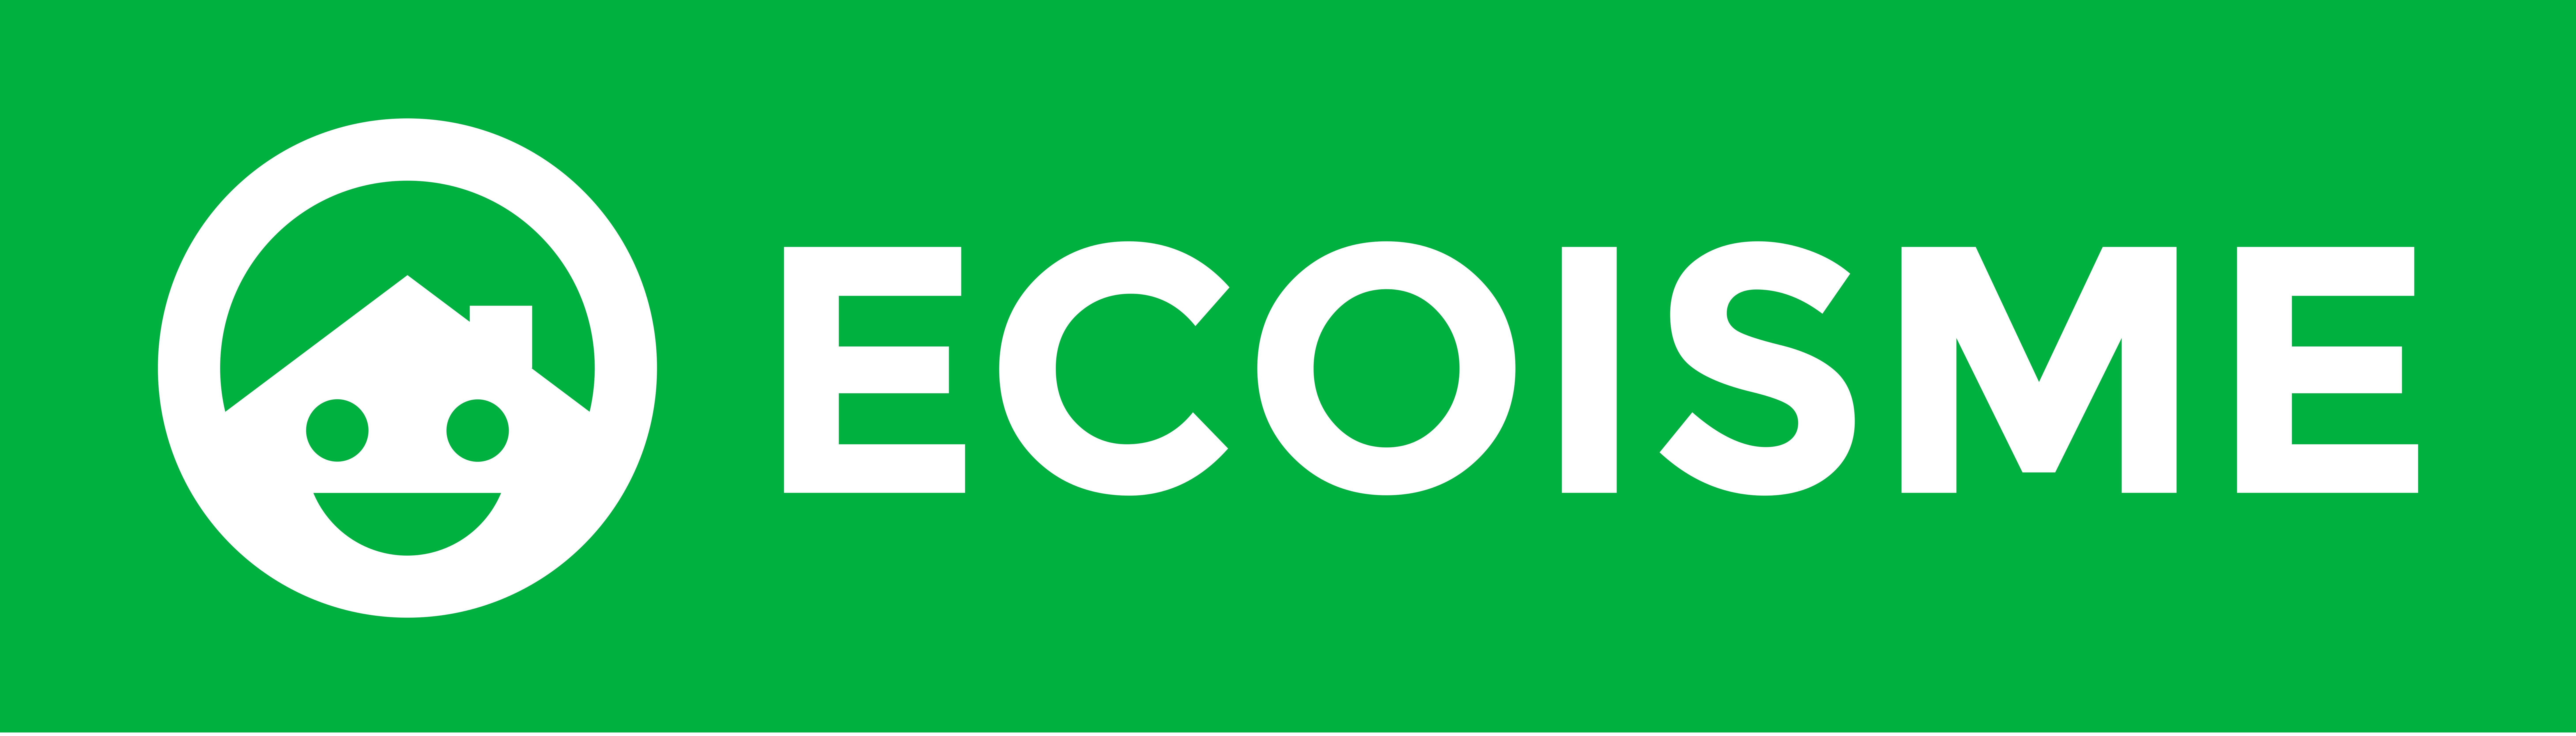 Ecoisme logo